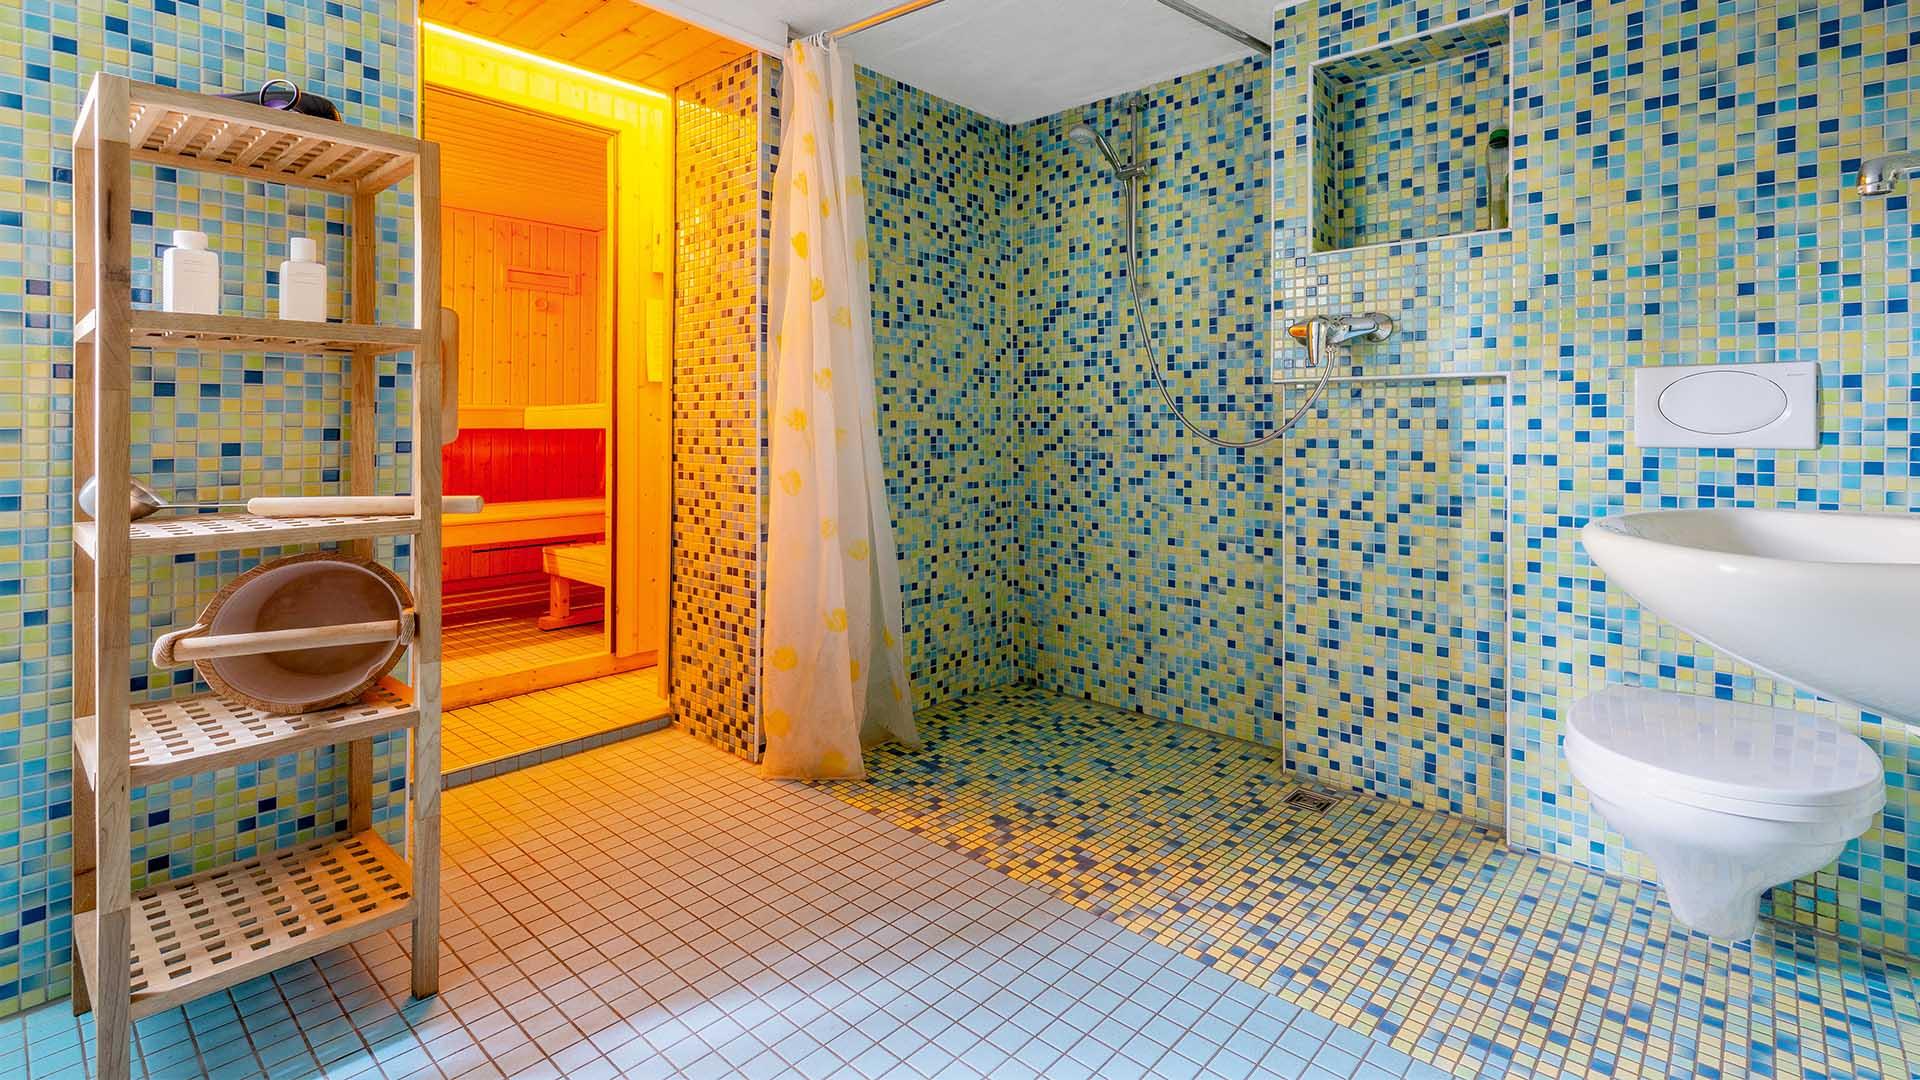 Ferienhaus am Schönwasen - Badezimmer und Sauna